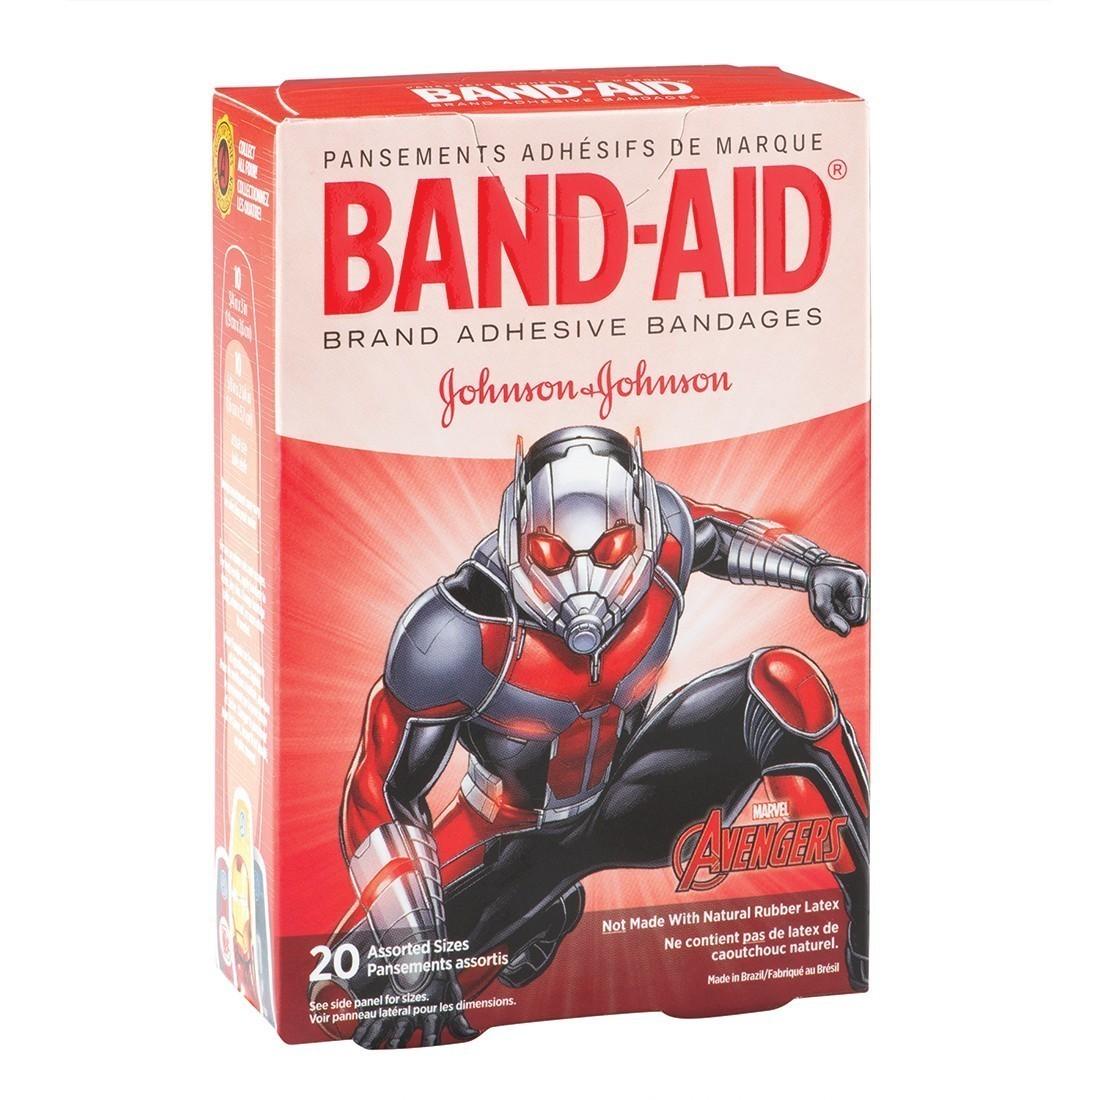 Band-Aid® Avengers Bandages [image]